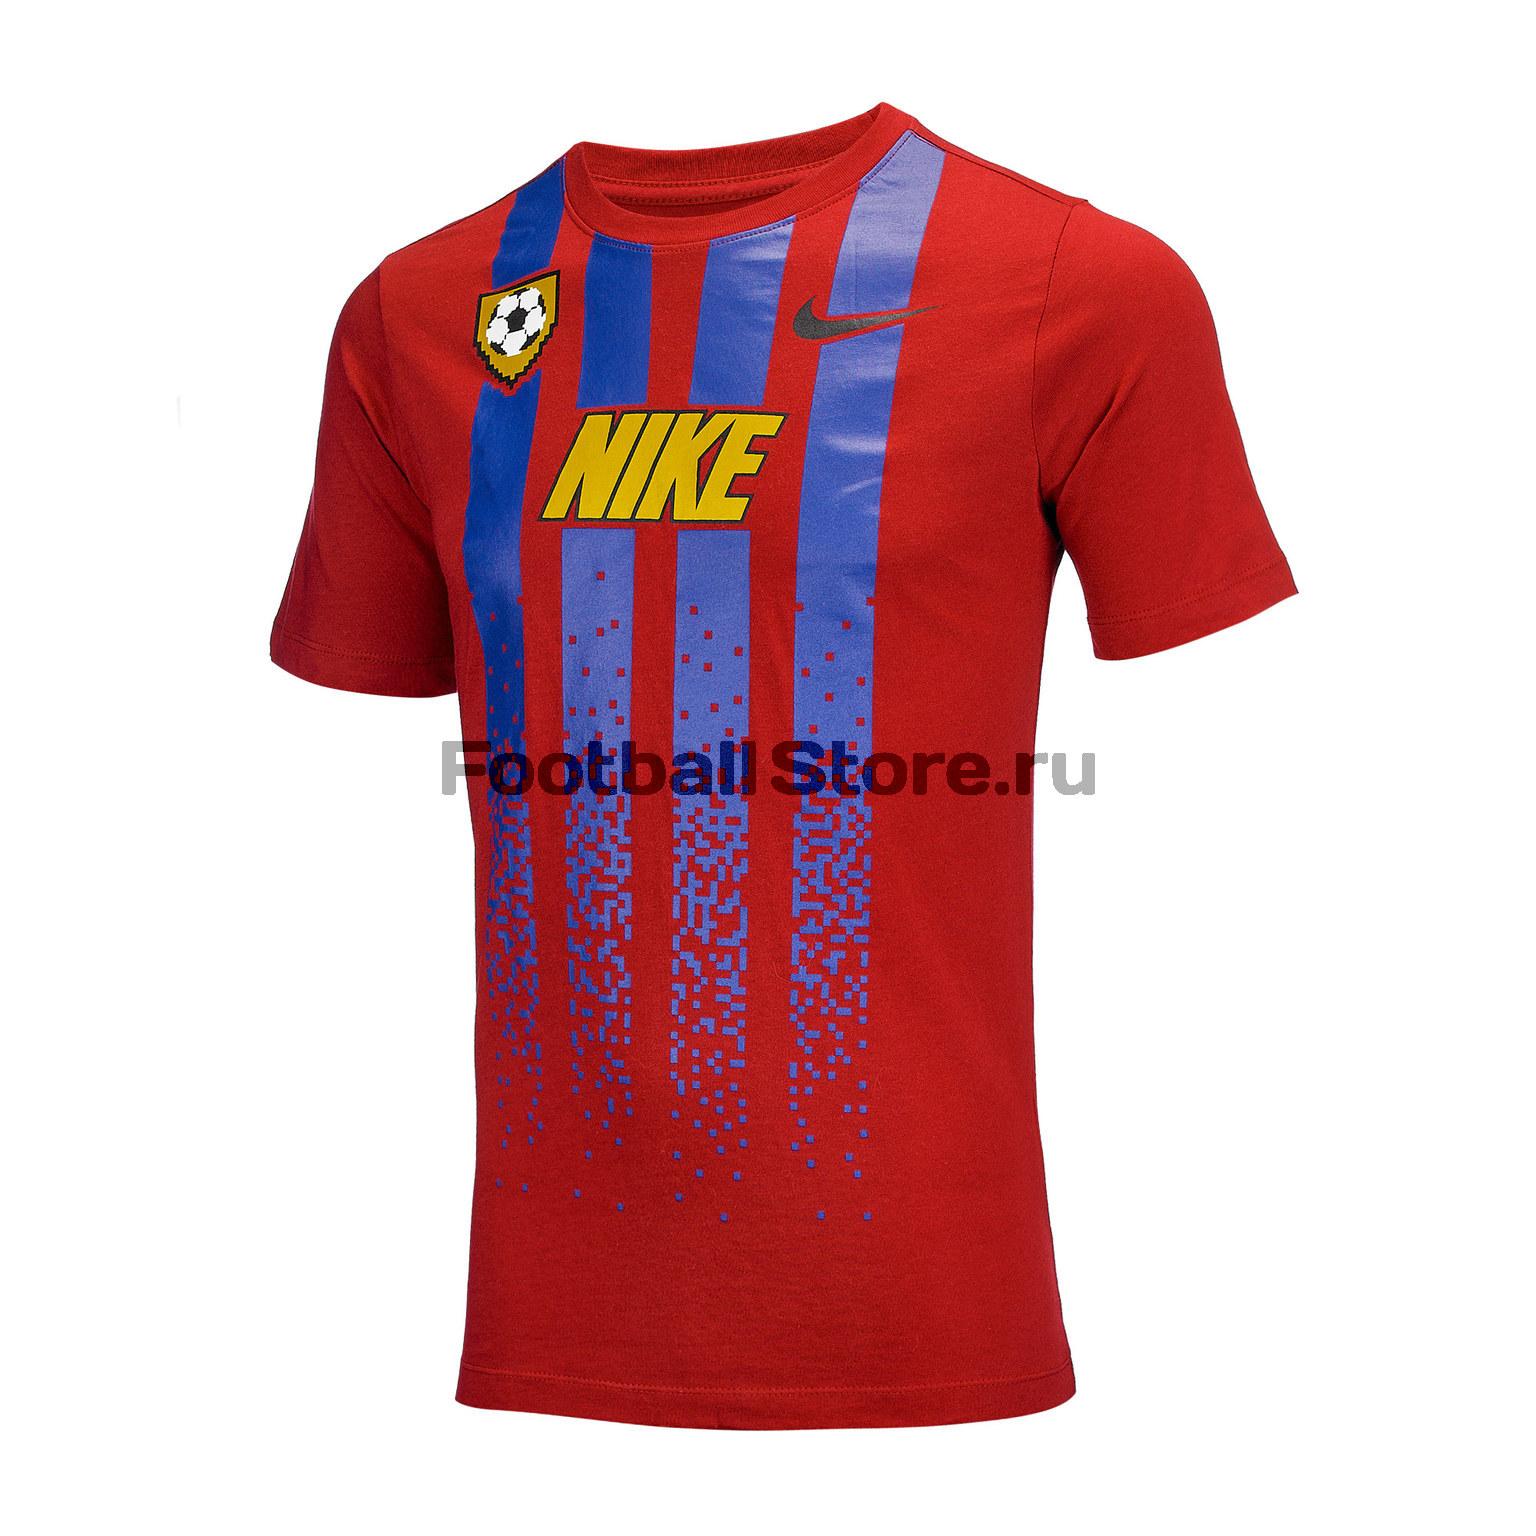 Футболка подростковая Nike Tee Soccer Jersey BQ2669-620